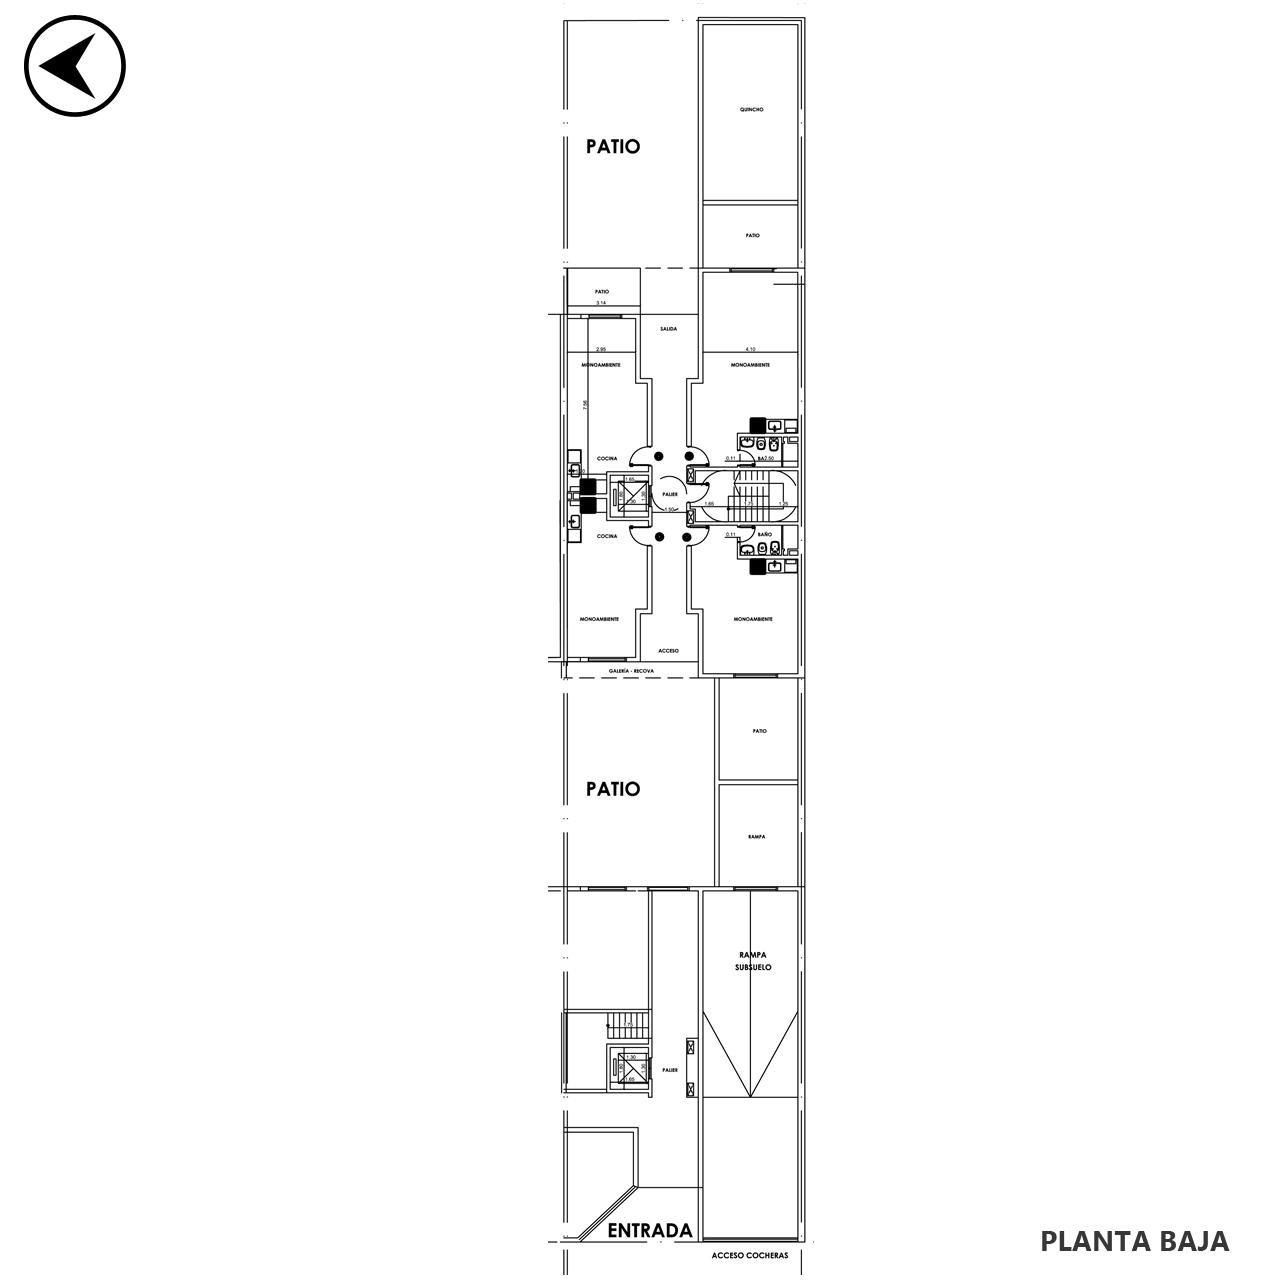 Venta departamento 1 dormitorio Rosario, Parque España. Cod CBU23323 AP2199590. Crestale Propiedades